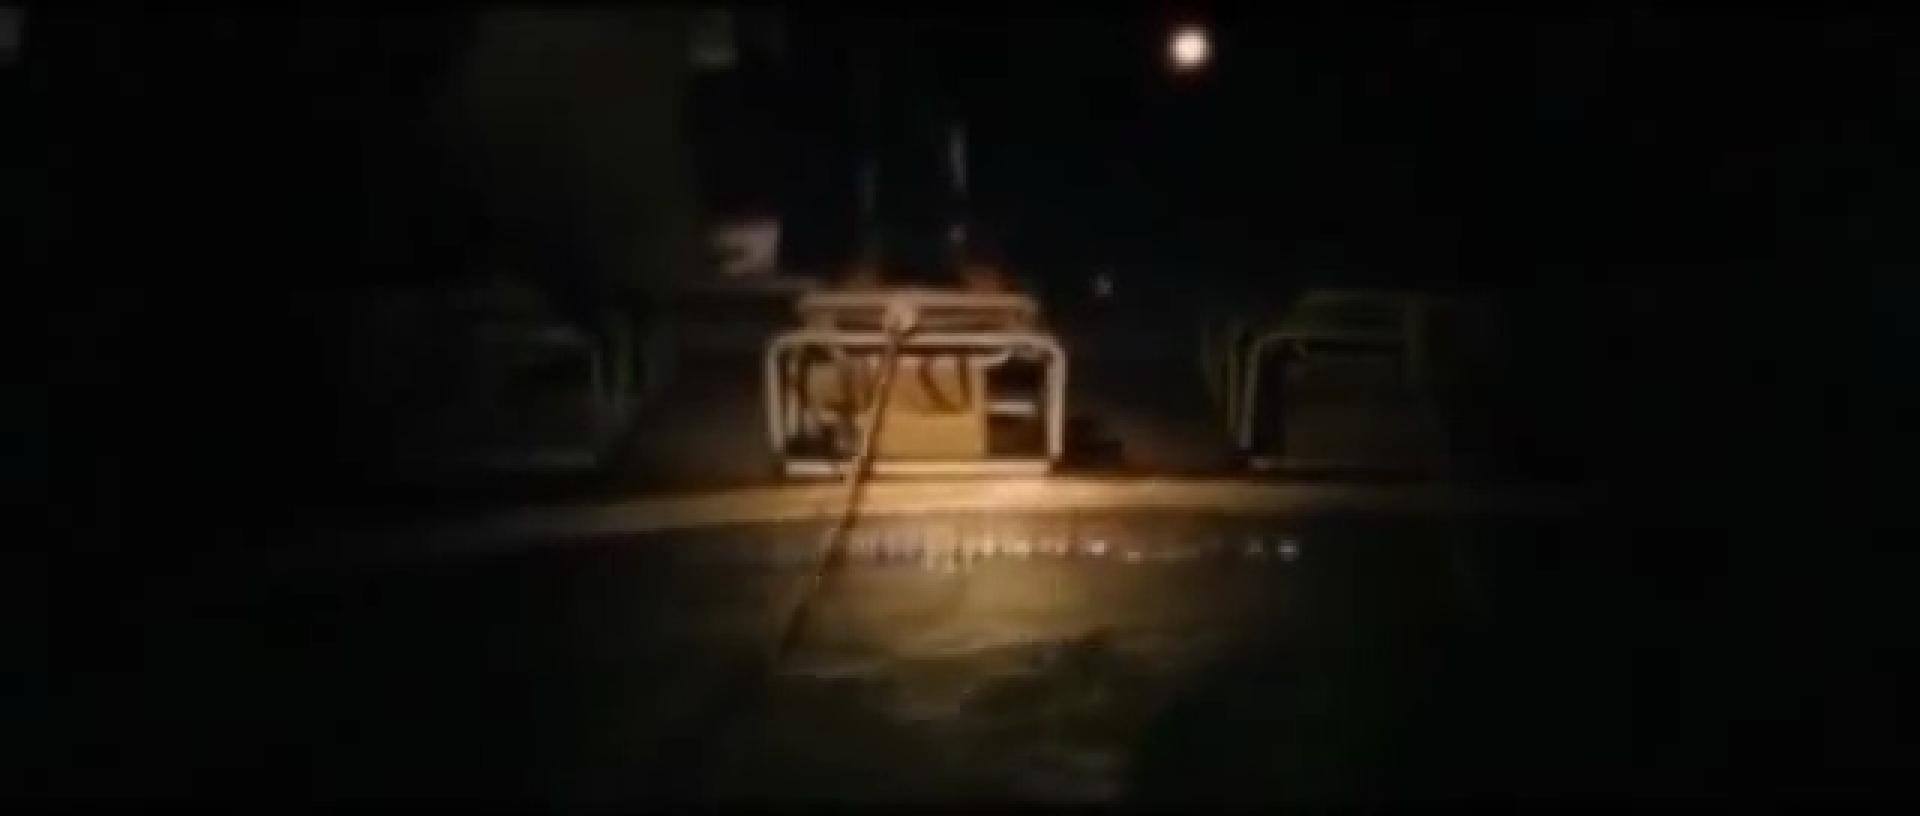 2. úszkálás a medencében